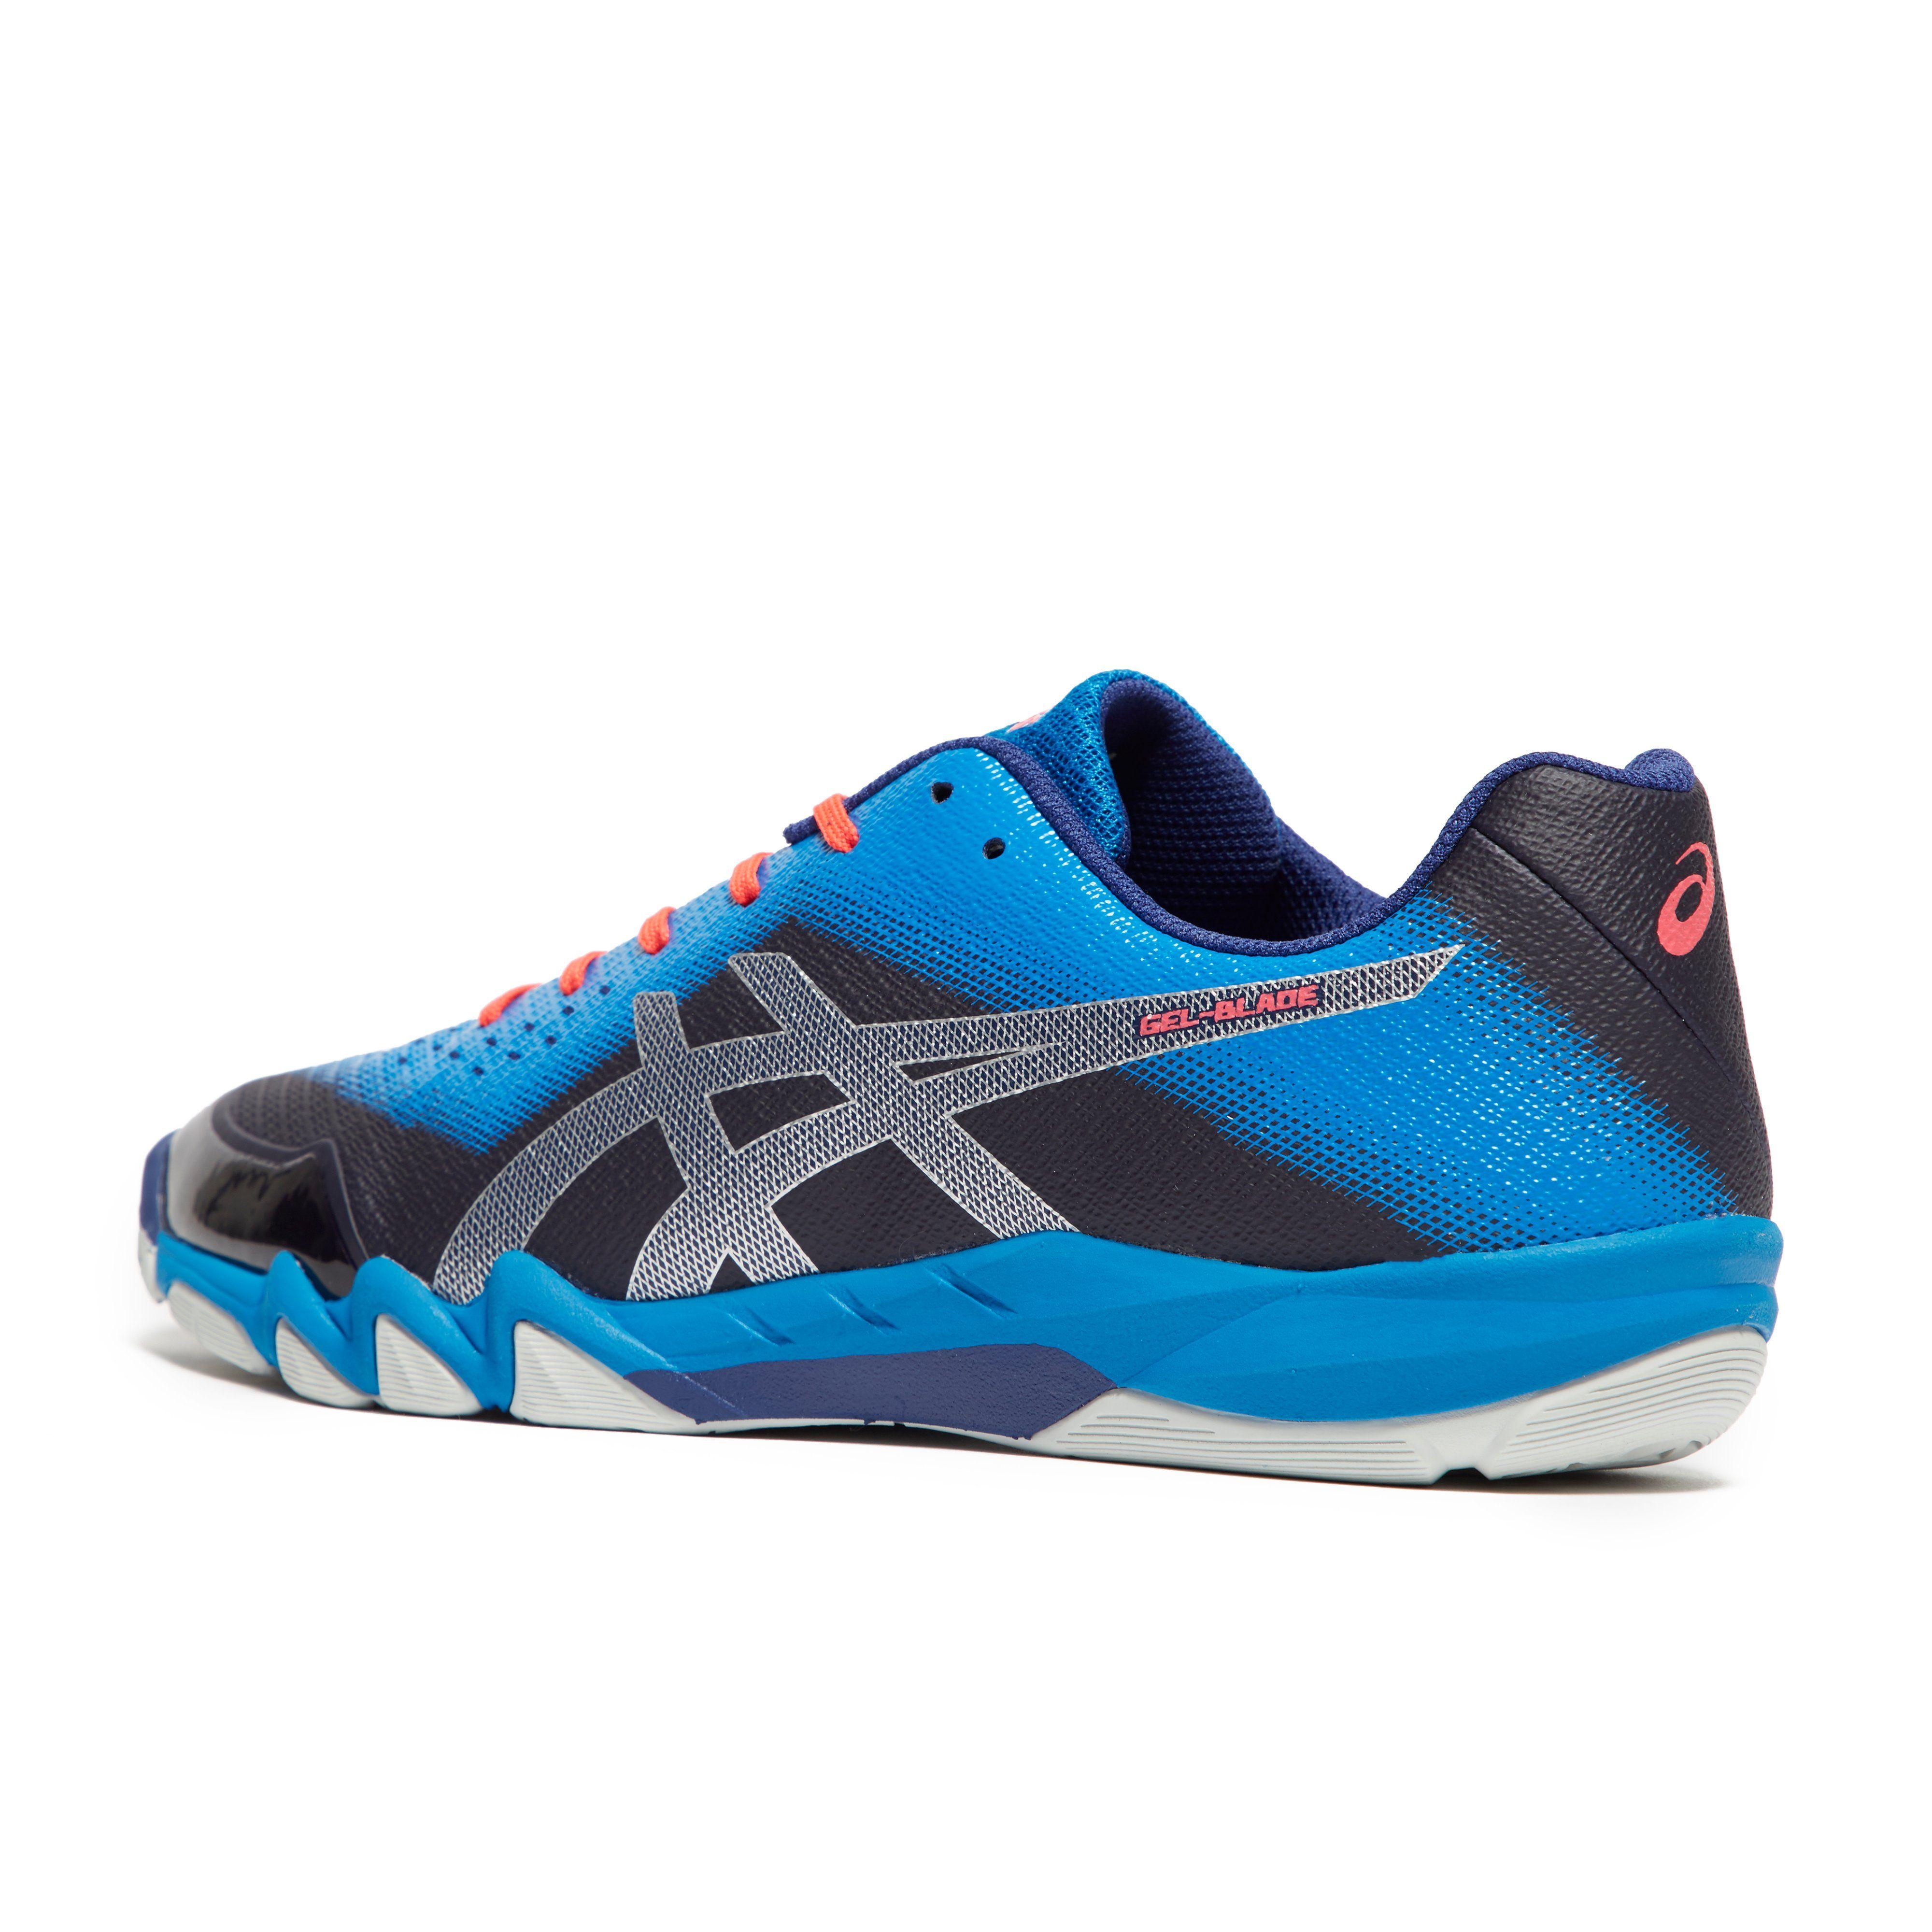 ASICS Gel-Blade 6 Men's Indoor Court Shoes